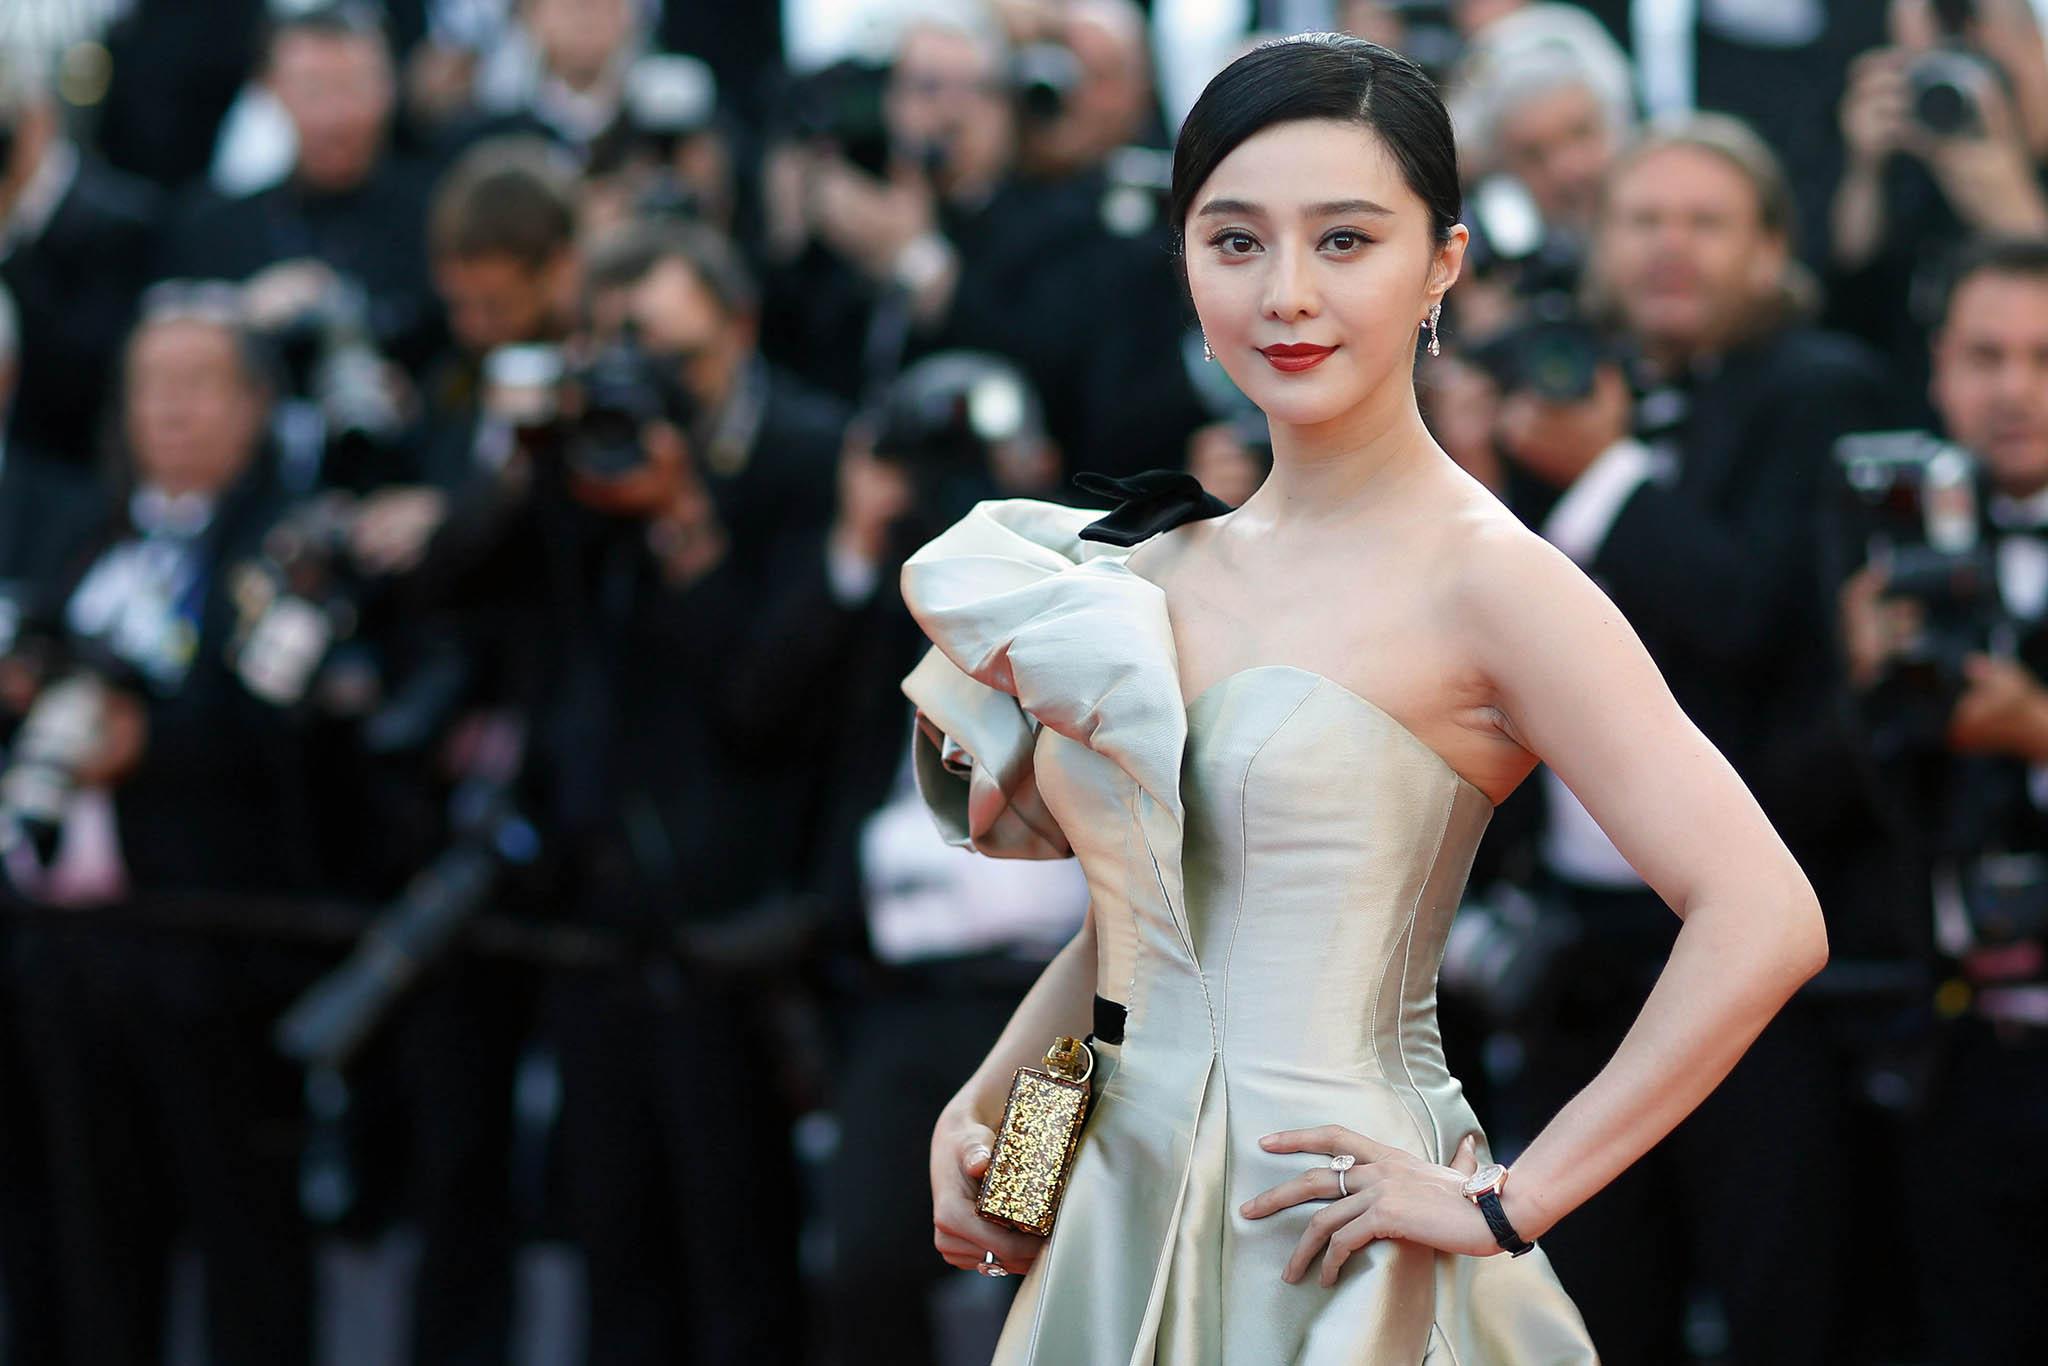 Evasão fiscal | Vedeta do cinema chinês multada em 110 milhões de euros